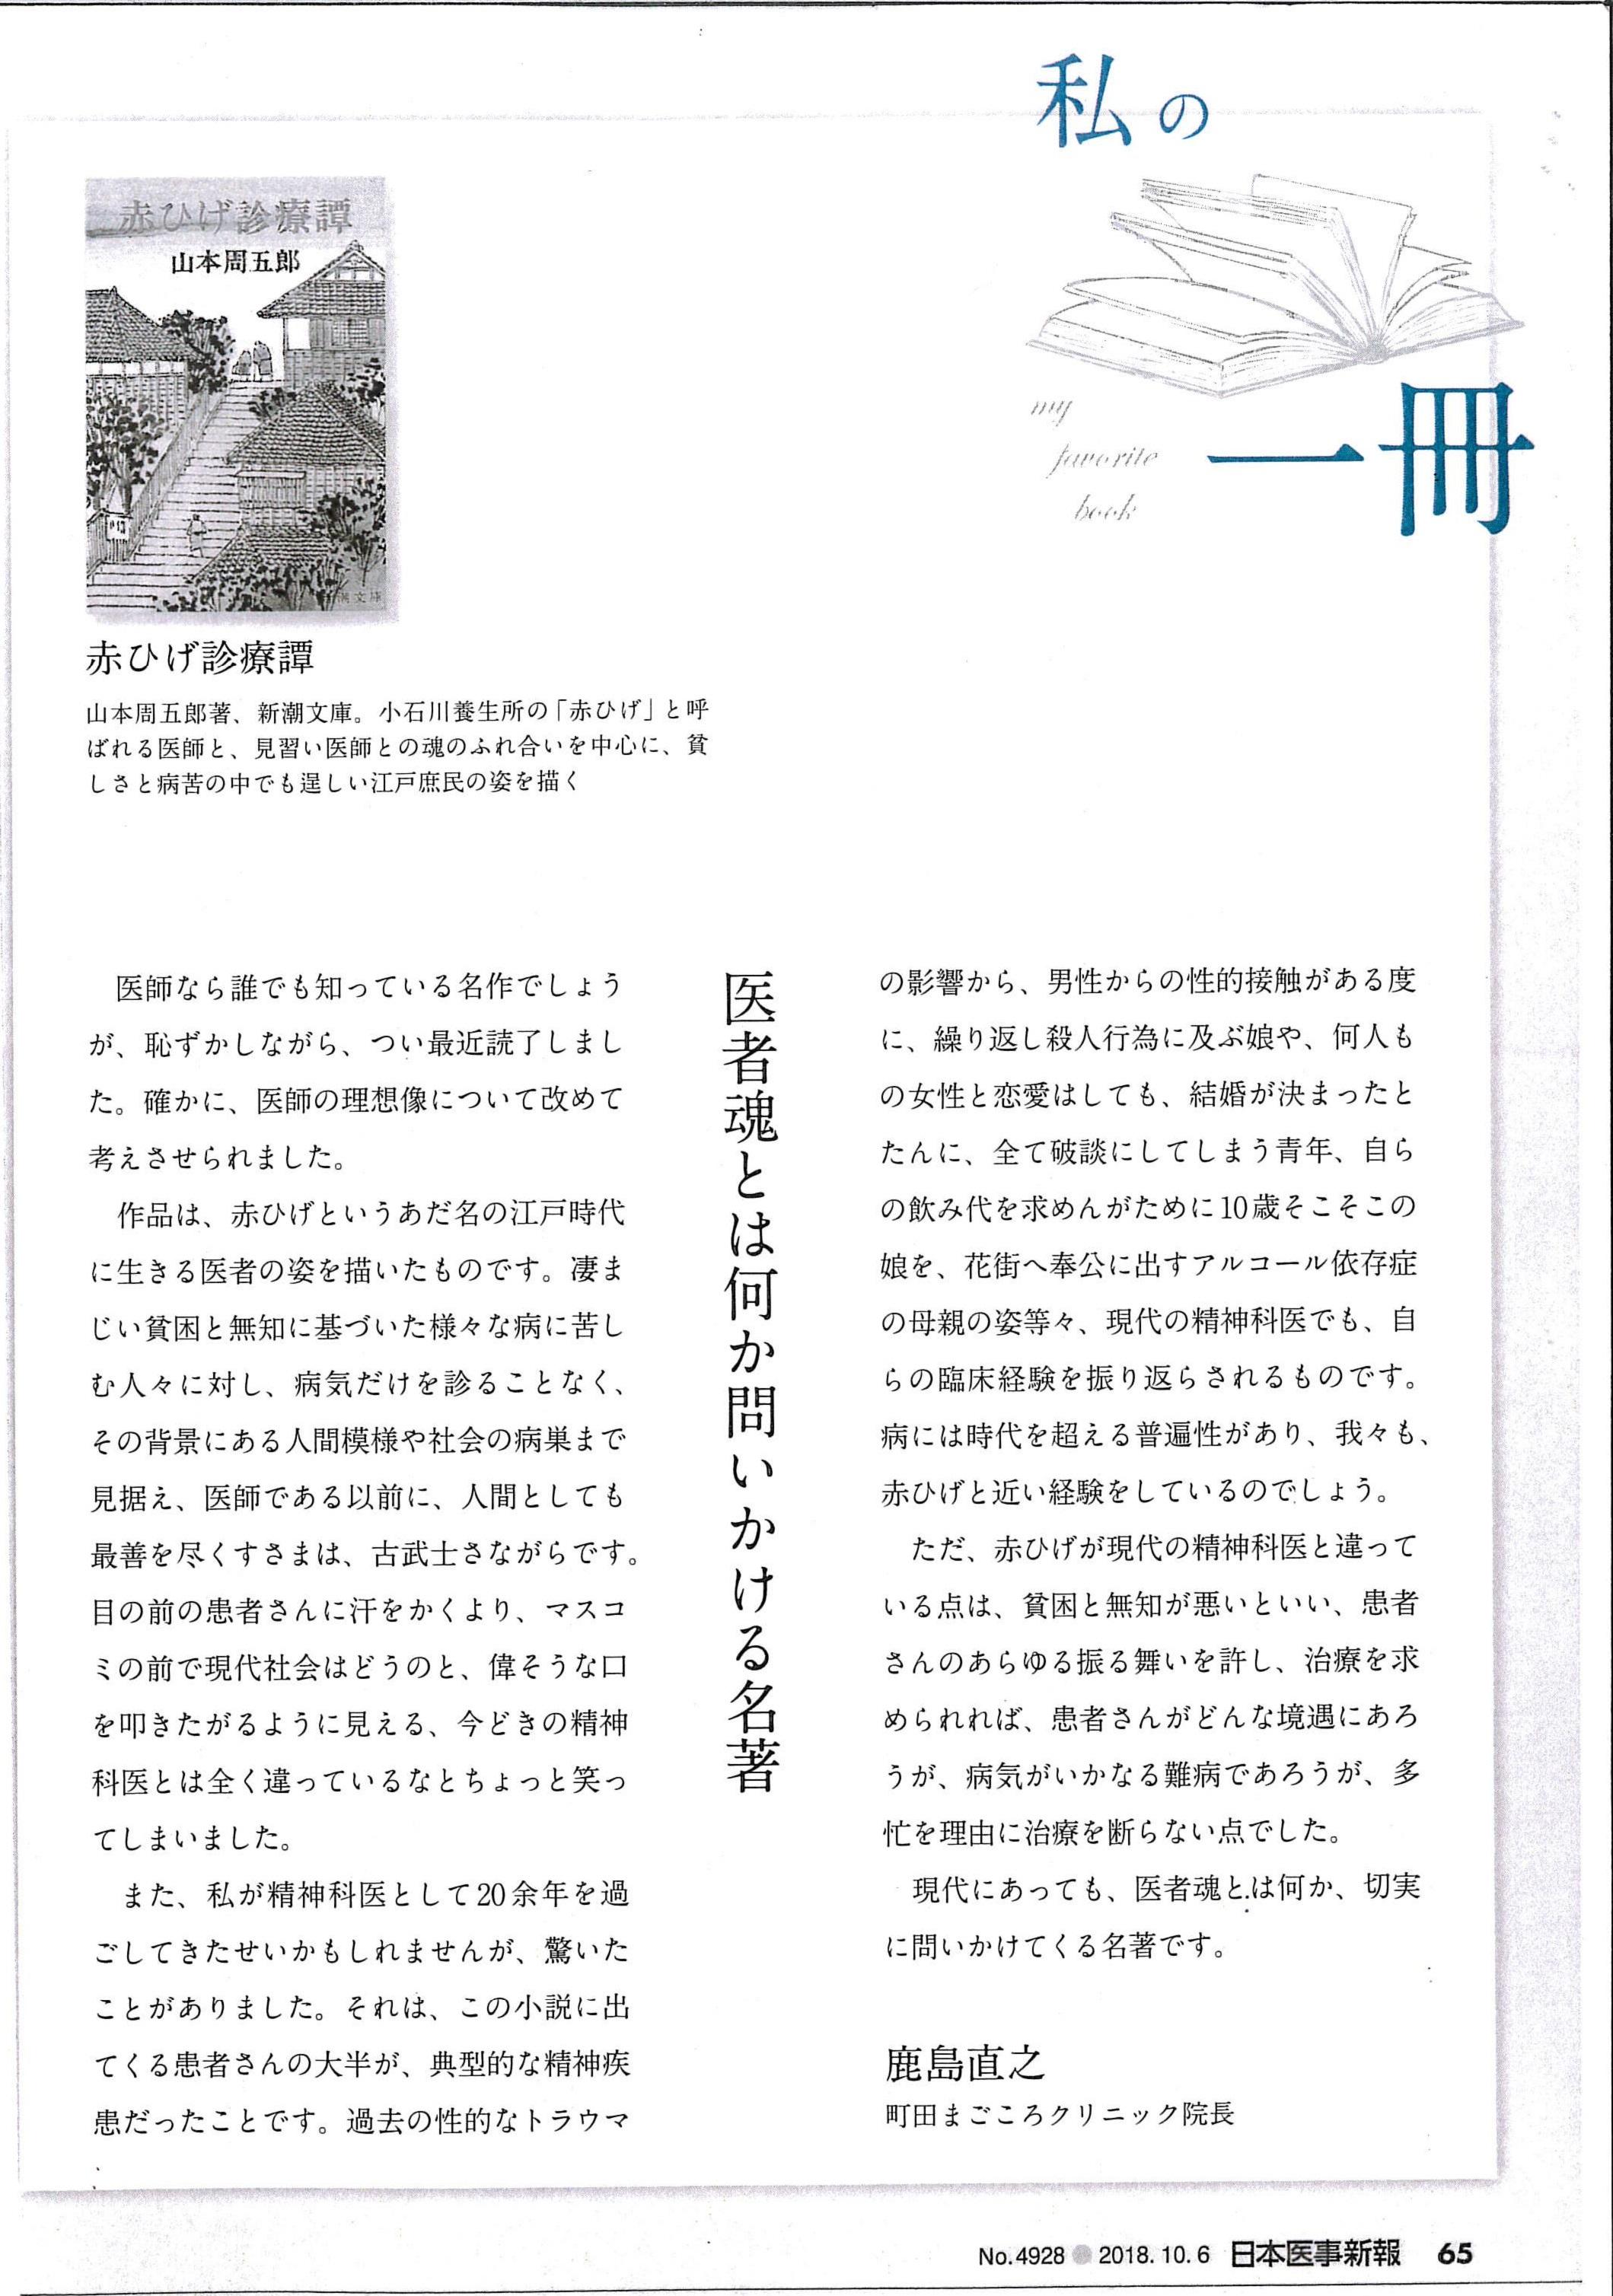 日本医事新報記事